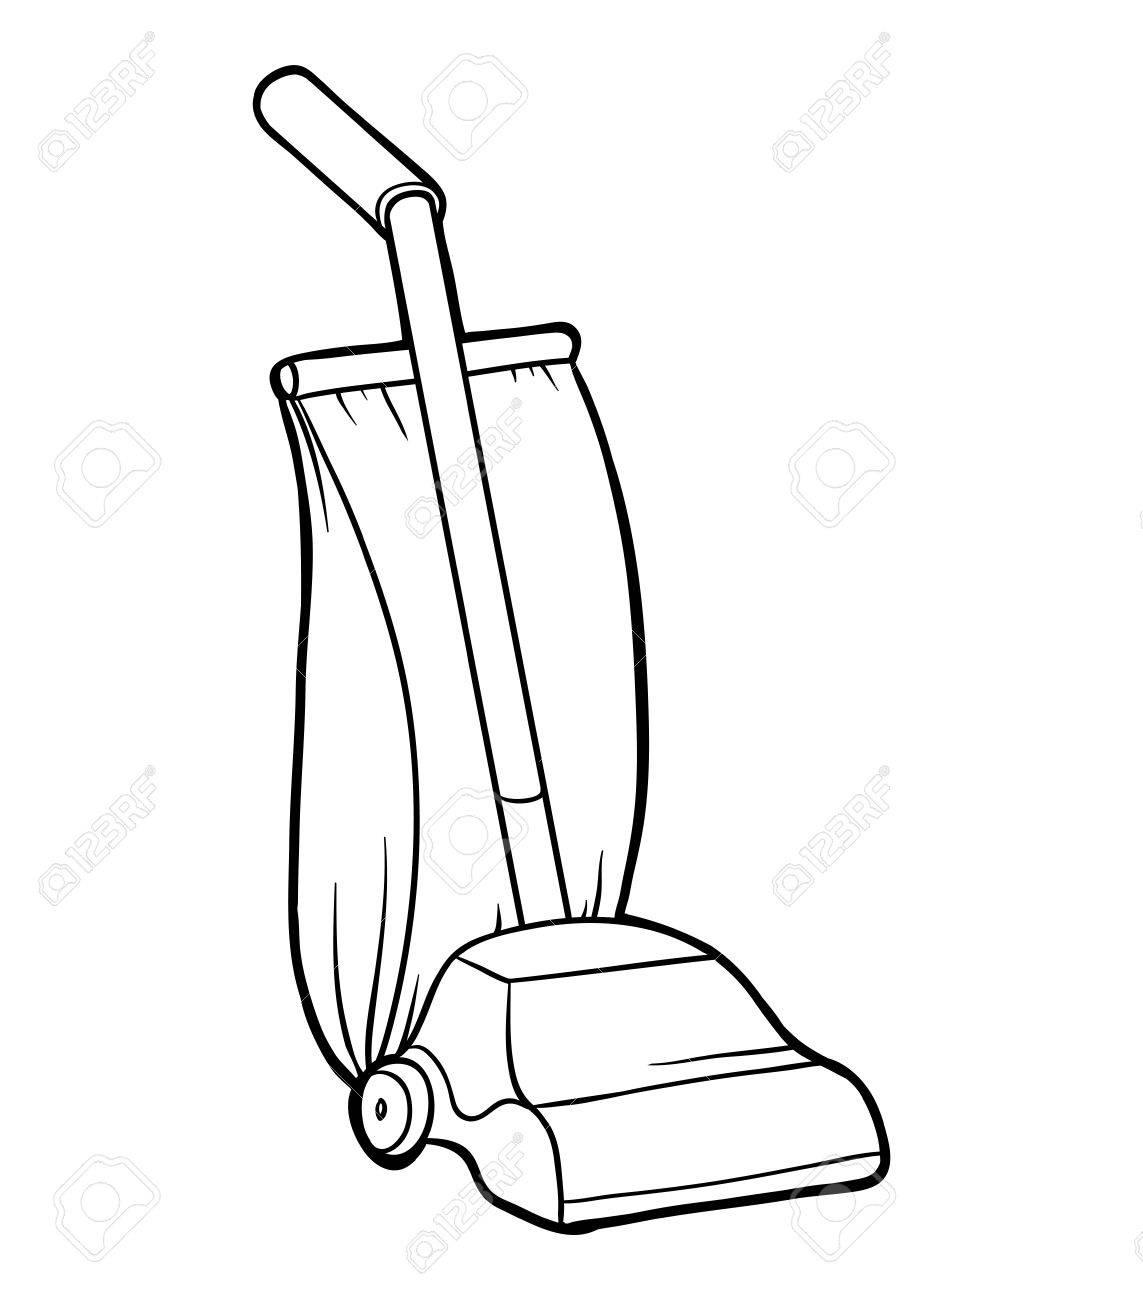 Vacuum Drawing At Getdrawings